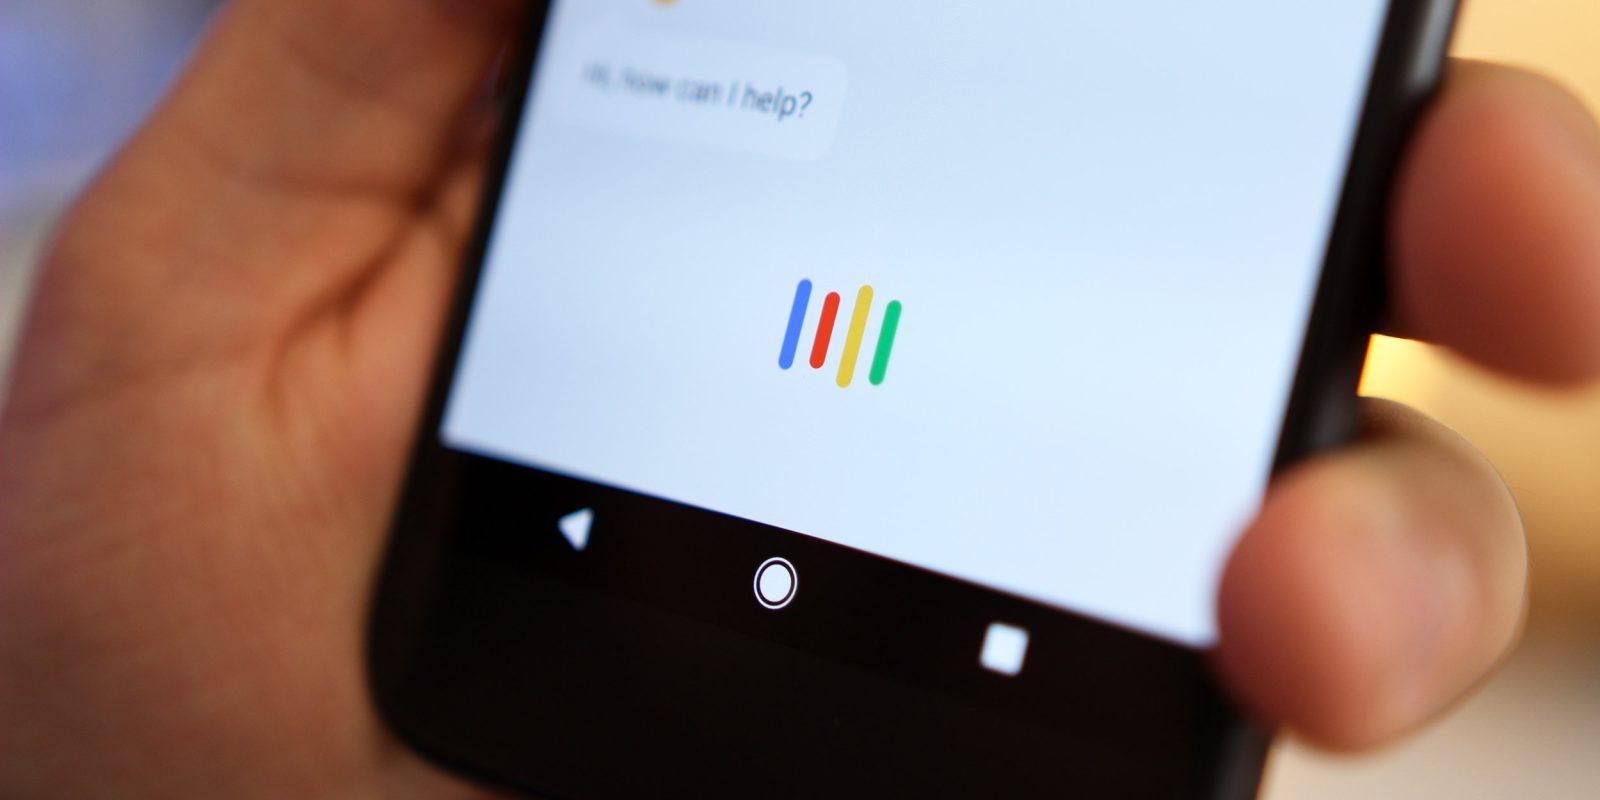 كيفية استخدام مساعد جوجل الذكي لقراءة صفحات الويب في أندرويد   تكنولوجيا وسيارات